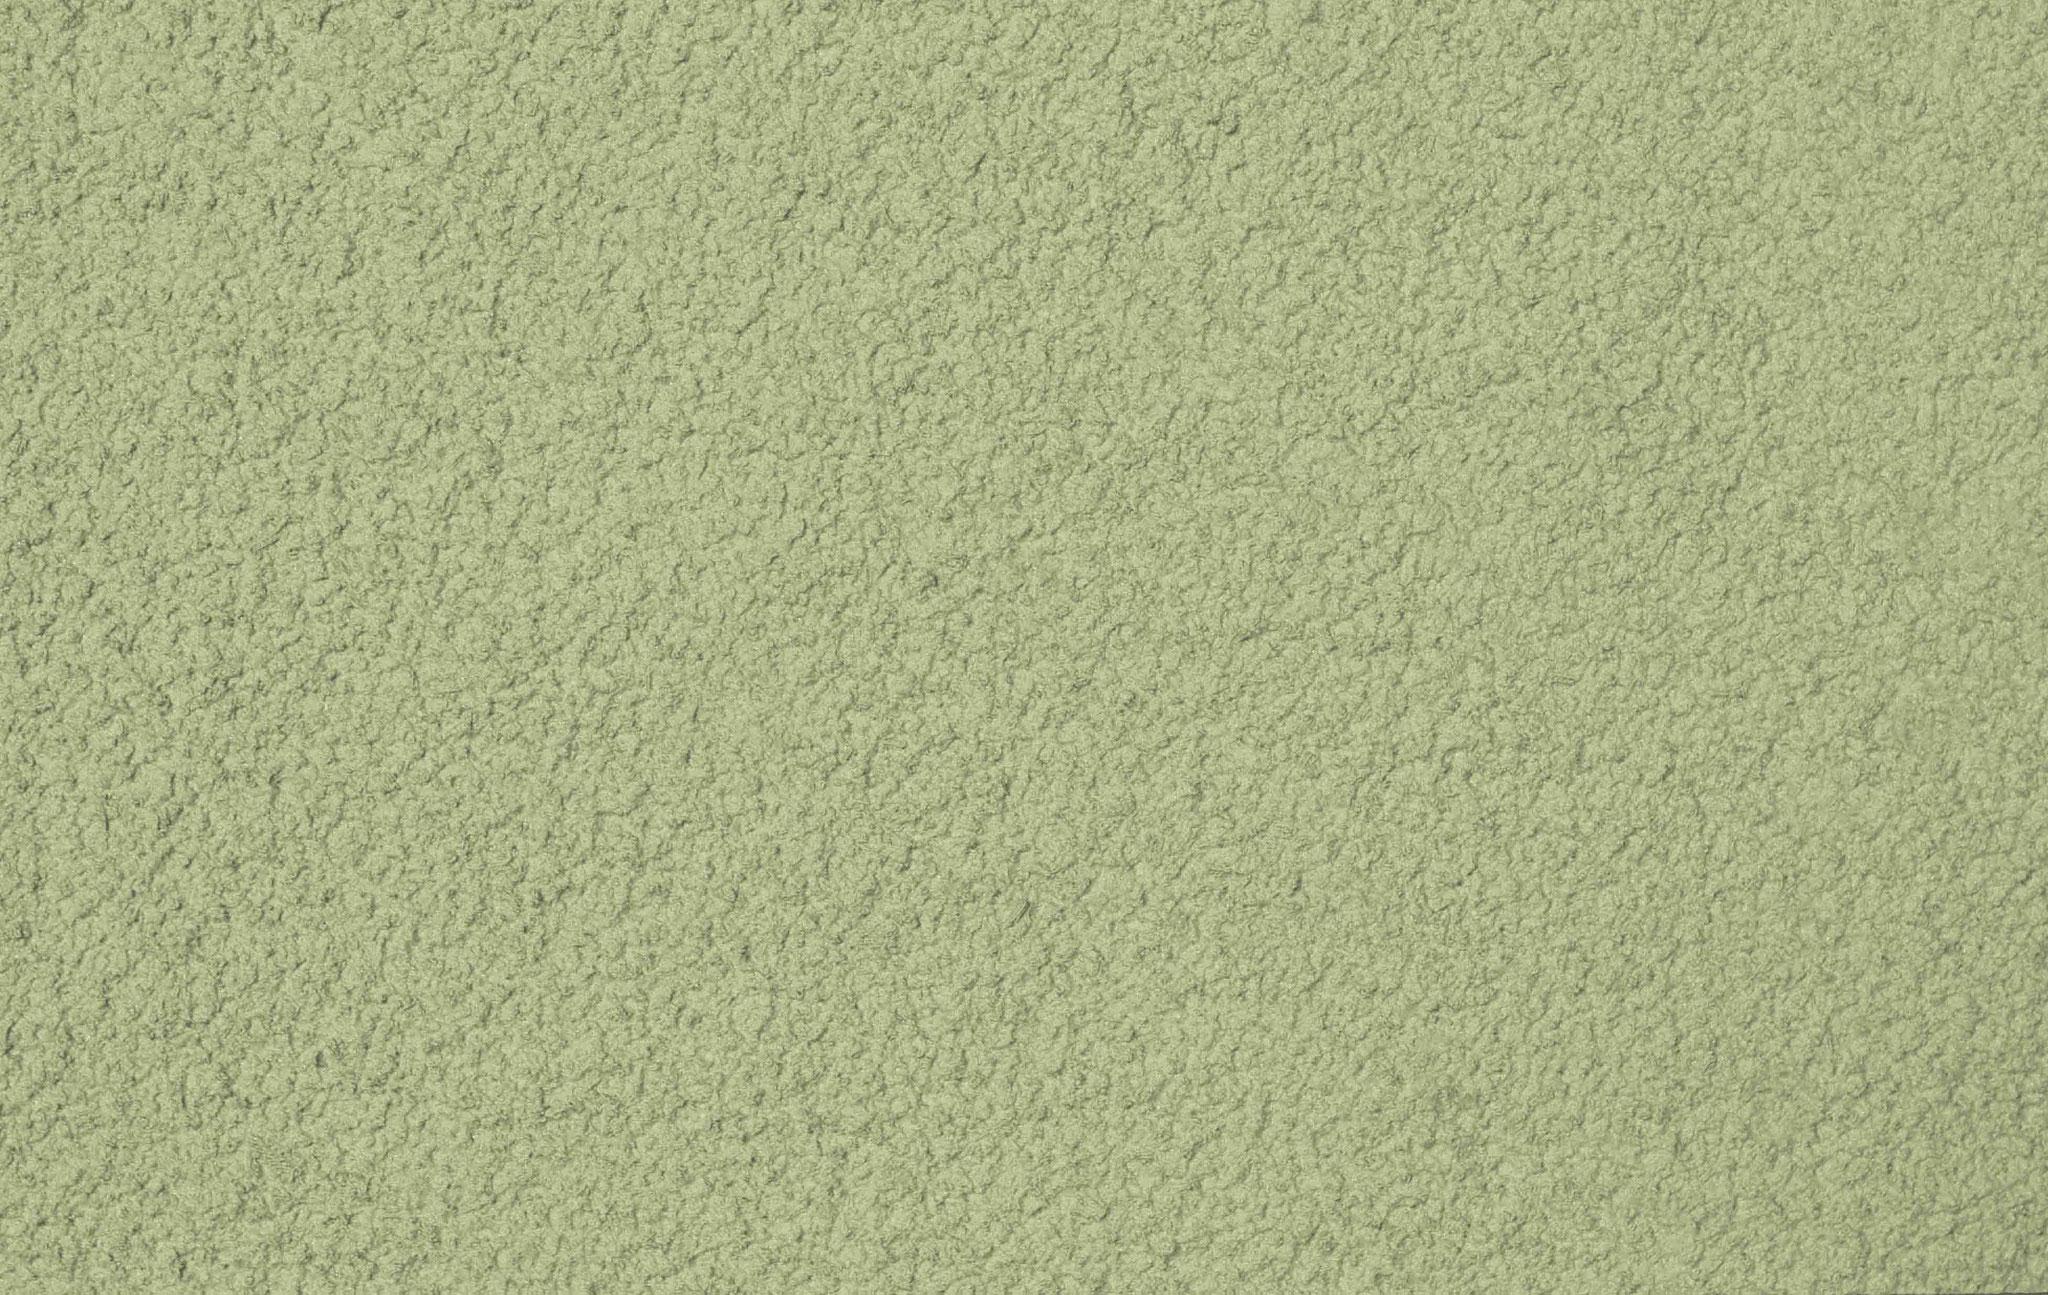 Colorado Kiwi